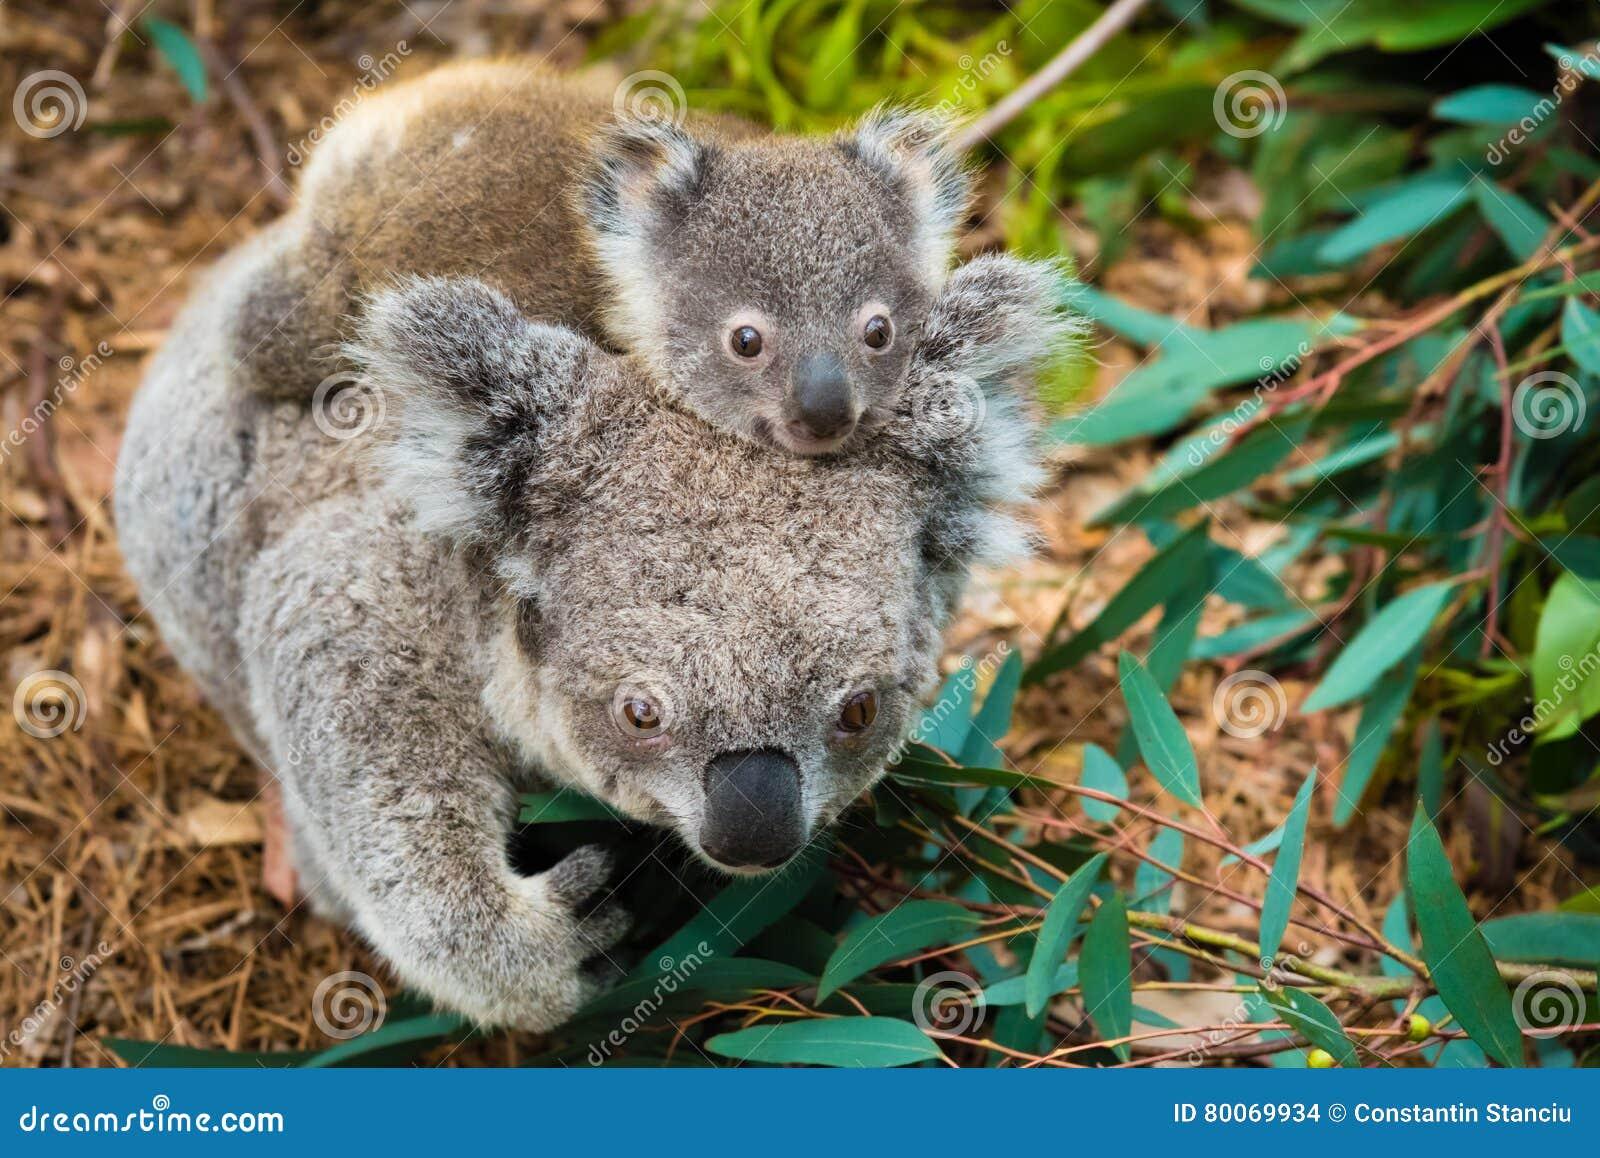 Animale indigeno australiano dell orso di koala con il bambino